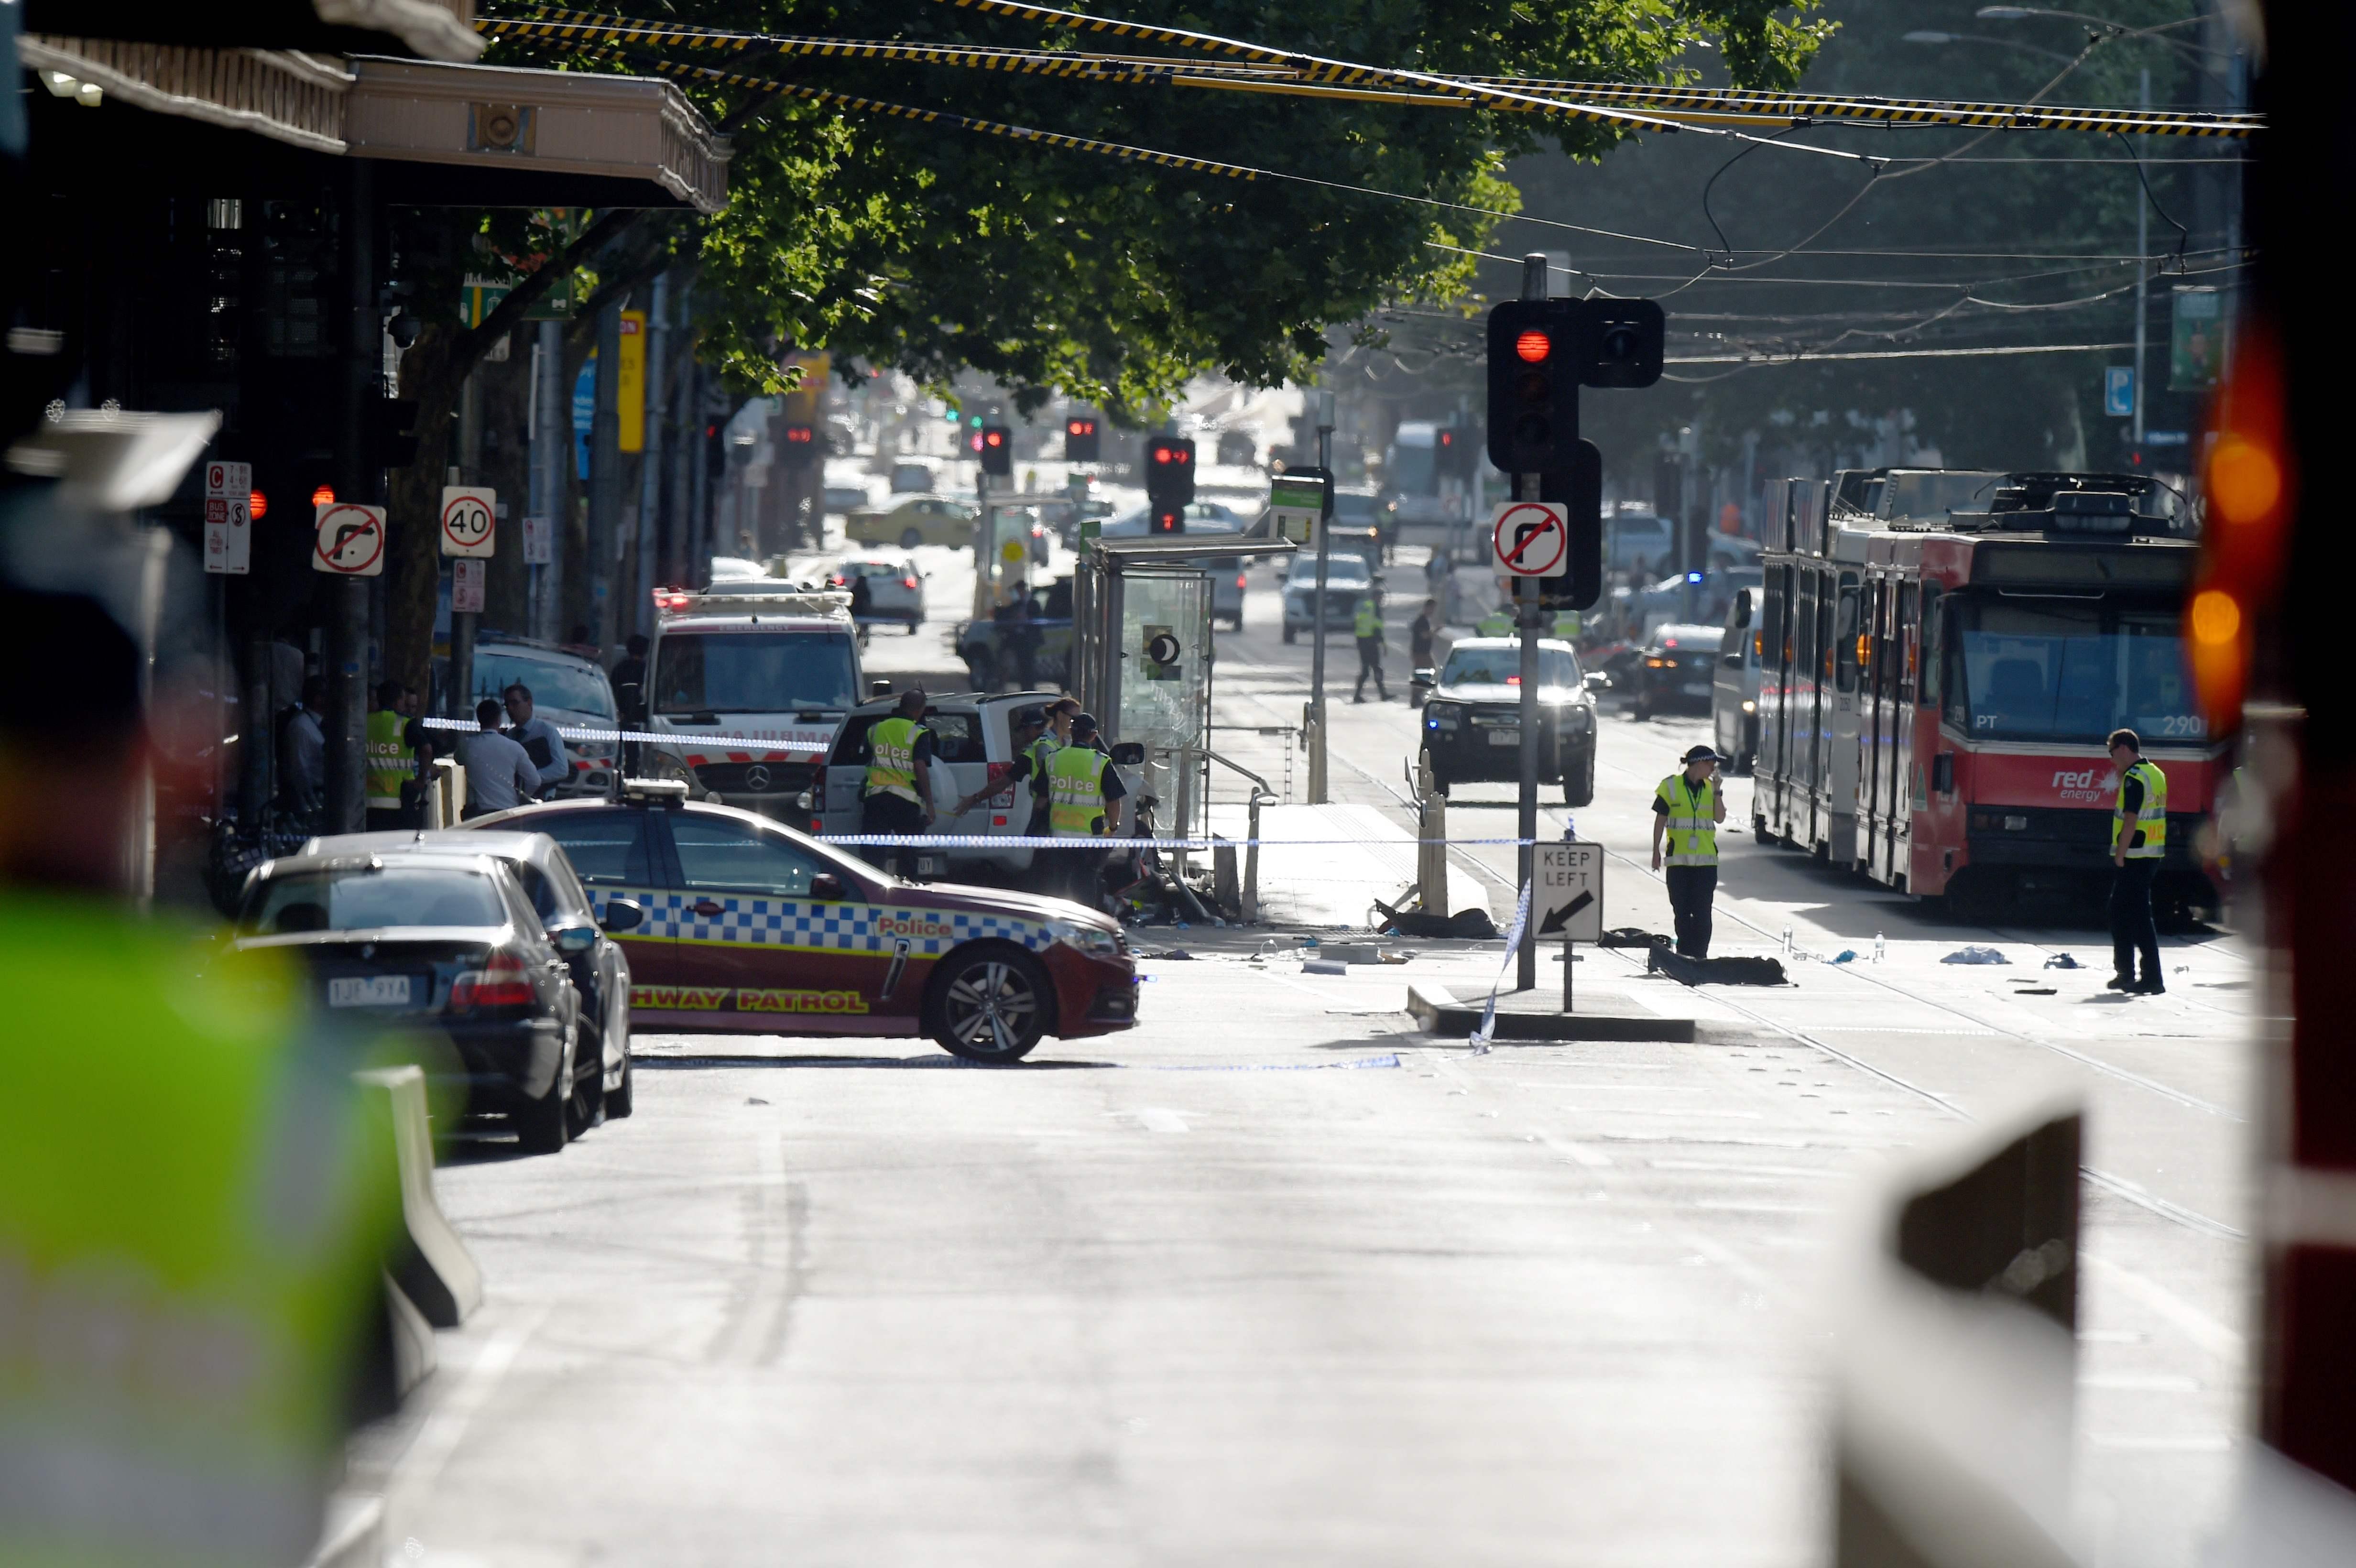 Polícia australiana acredita que atropelamento em Melbourne foi deliberado